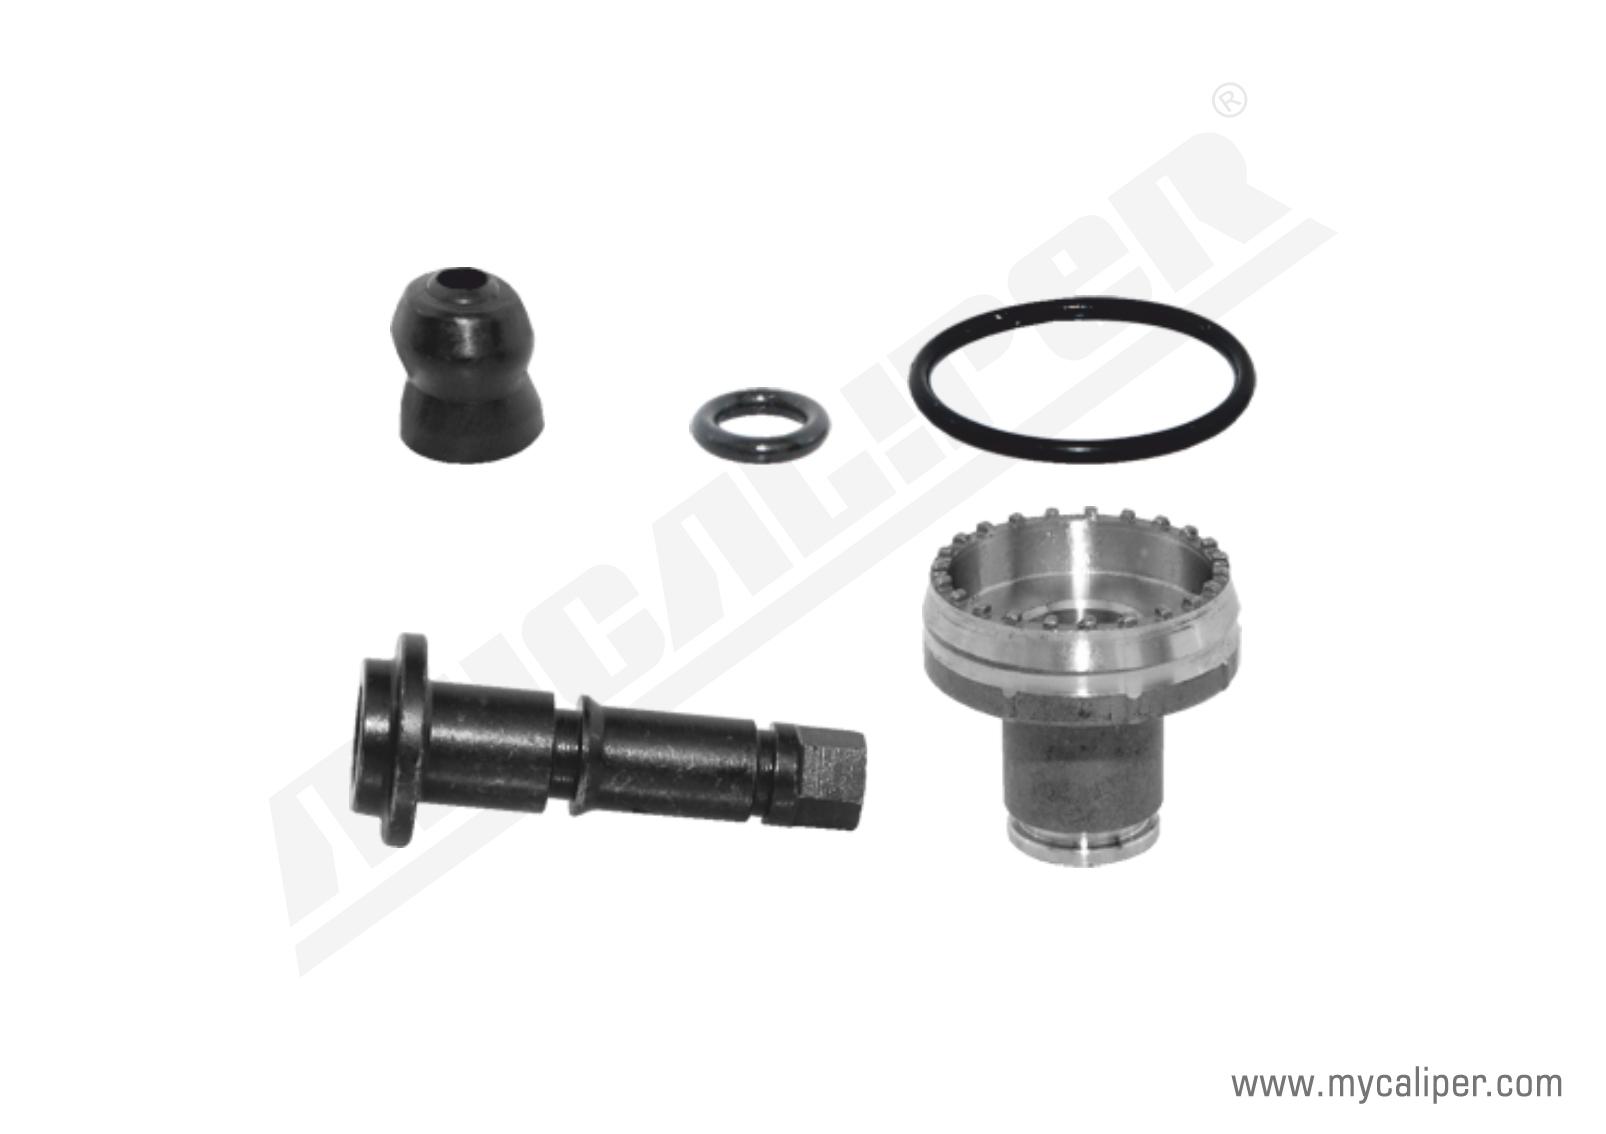 Brake Adjusting Pin Kit (Thin Teeth)